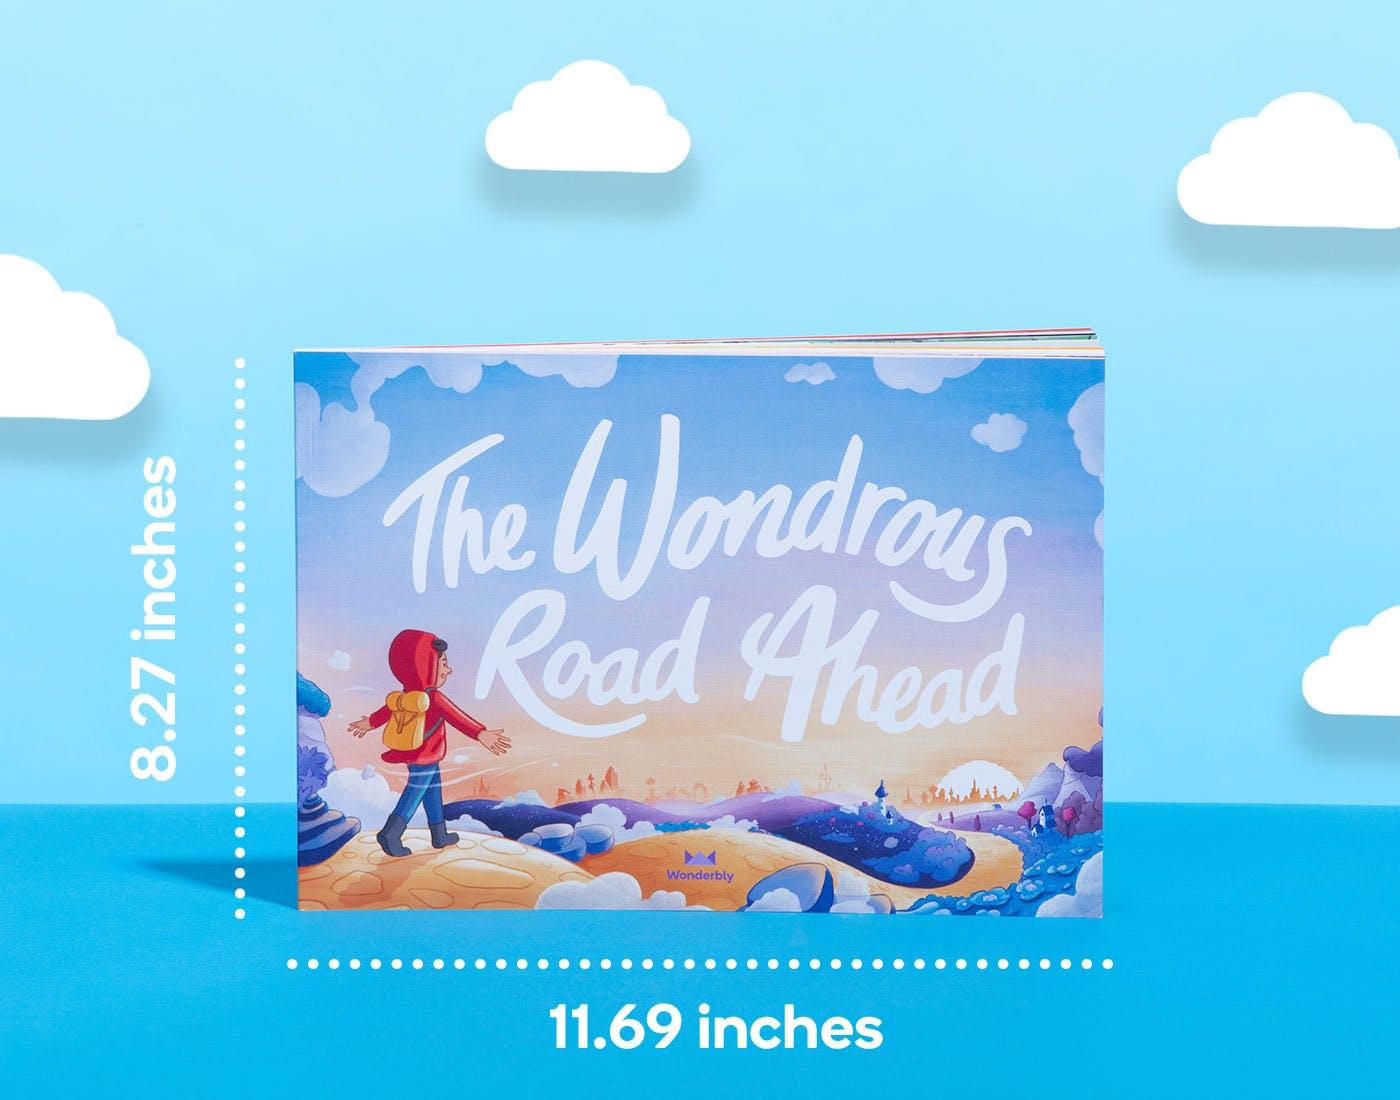 Wondrous Road Dimensions Partial US